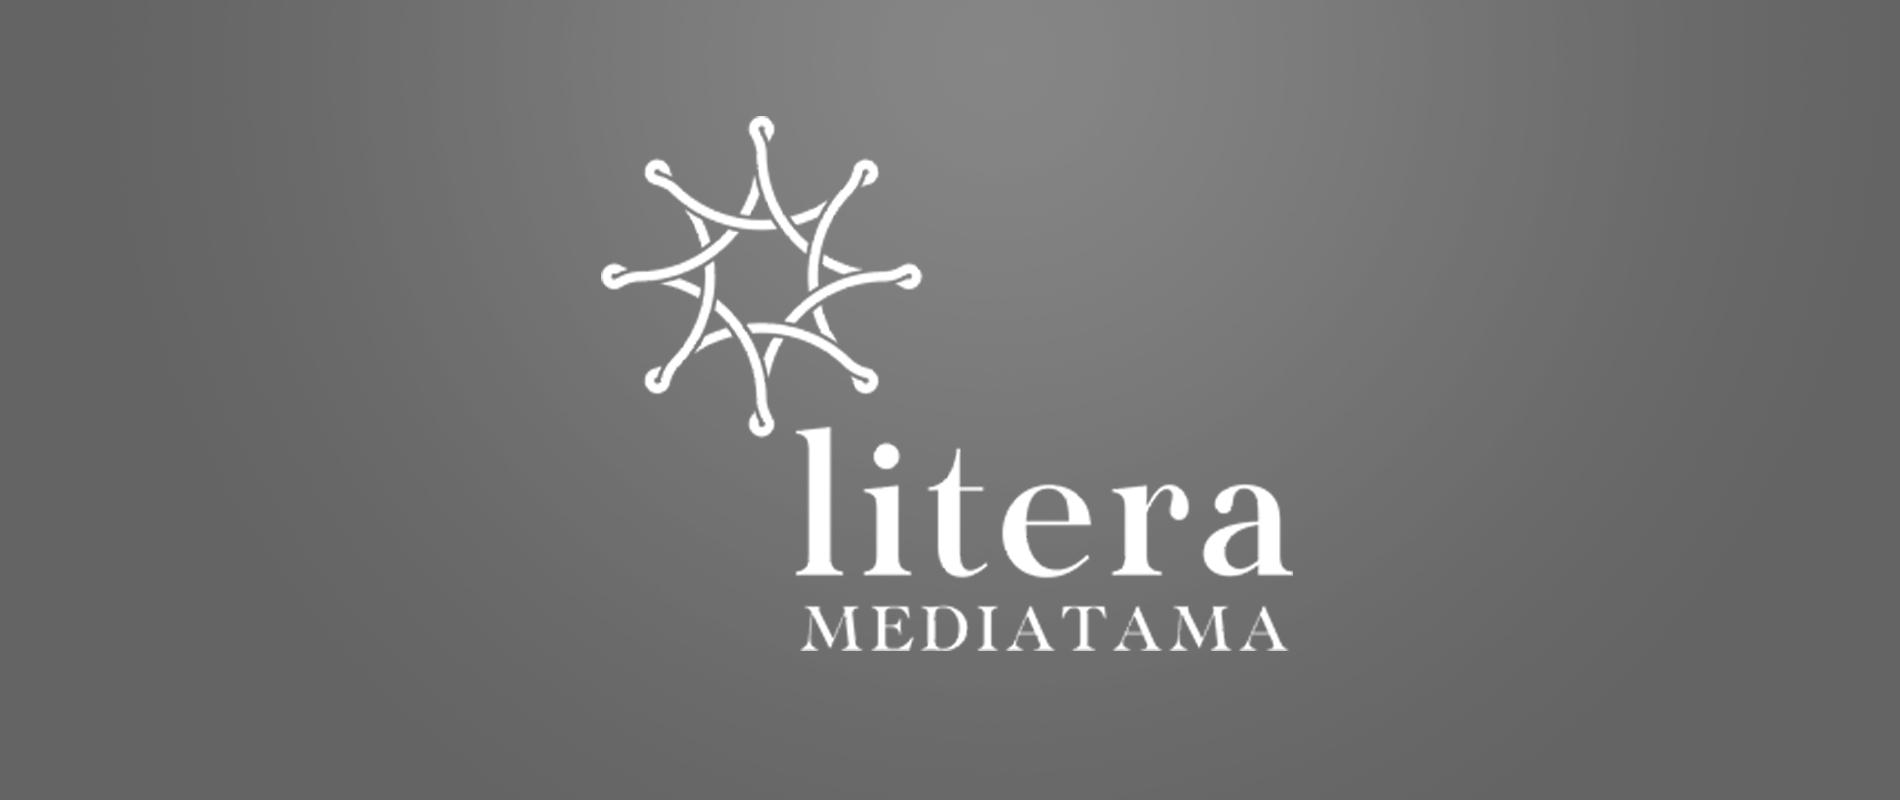 Penerbitan Buku - Distribusi Buku - Workshop Seminar - Bedah Buku - Penganugerahan Penghargaan